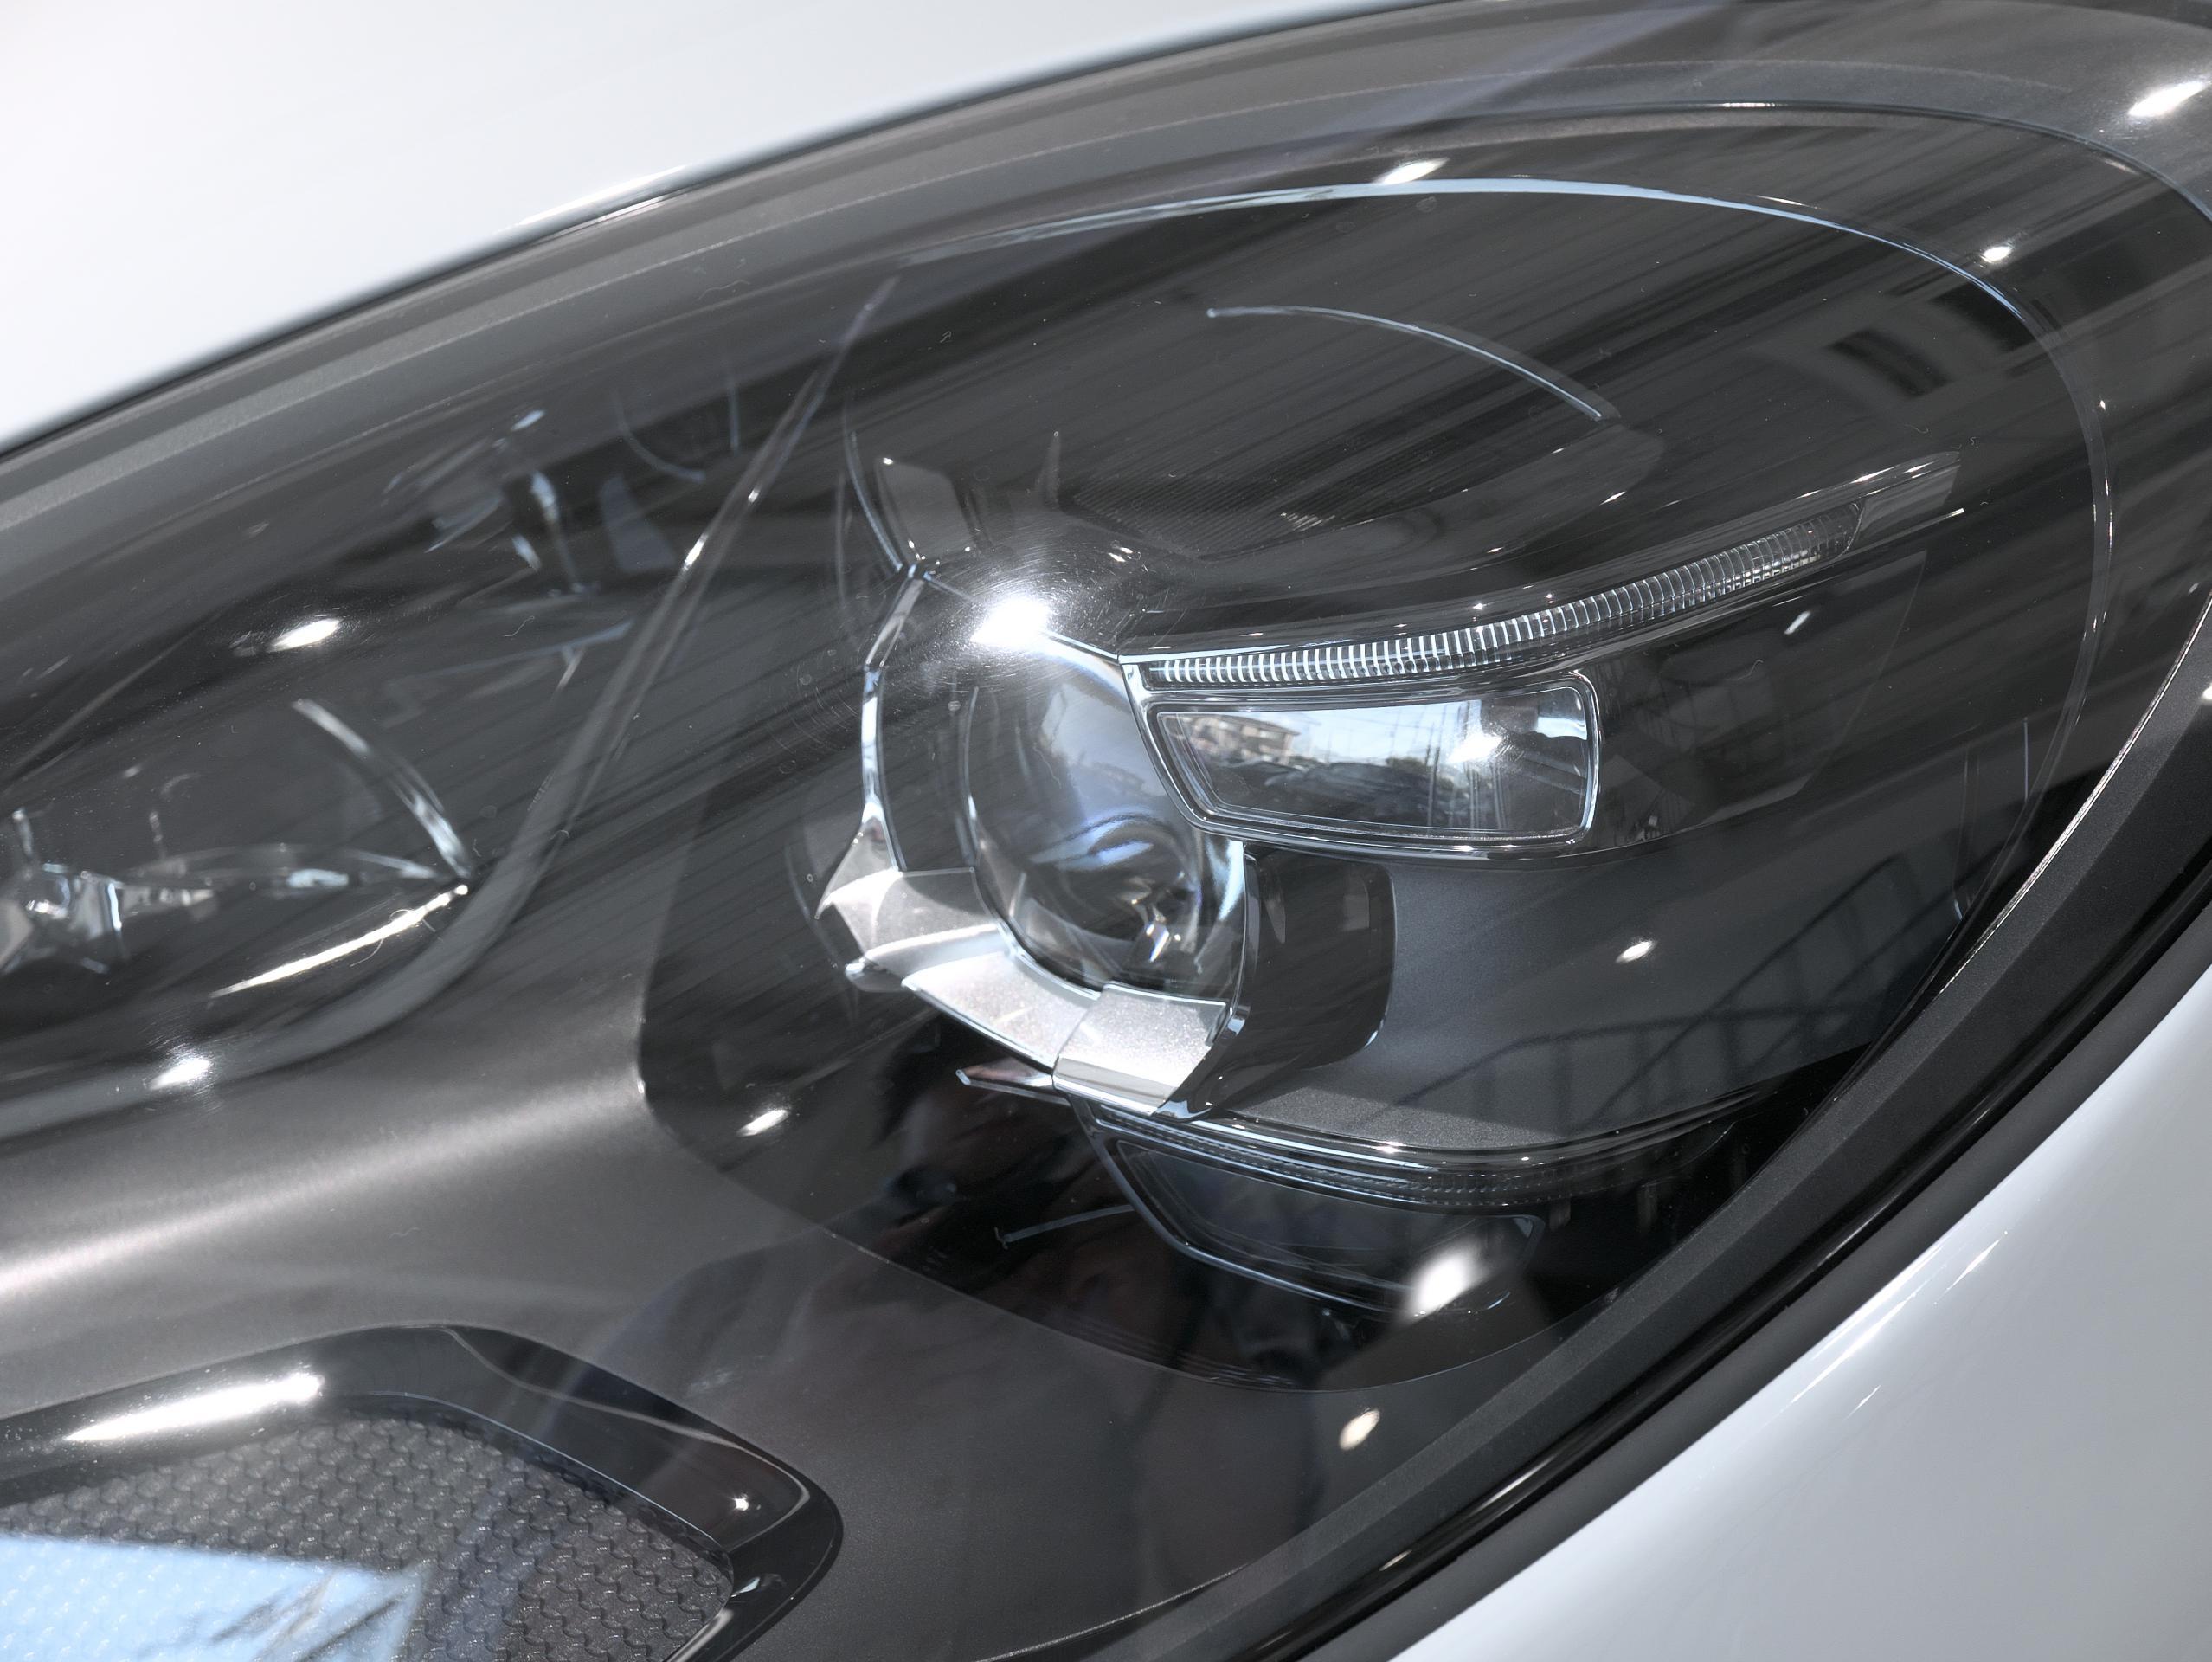 ポルシェ マカン GTS スポーツクロノ ヘッドライト